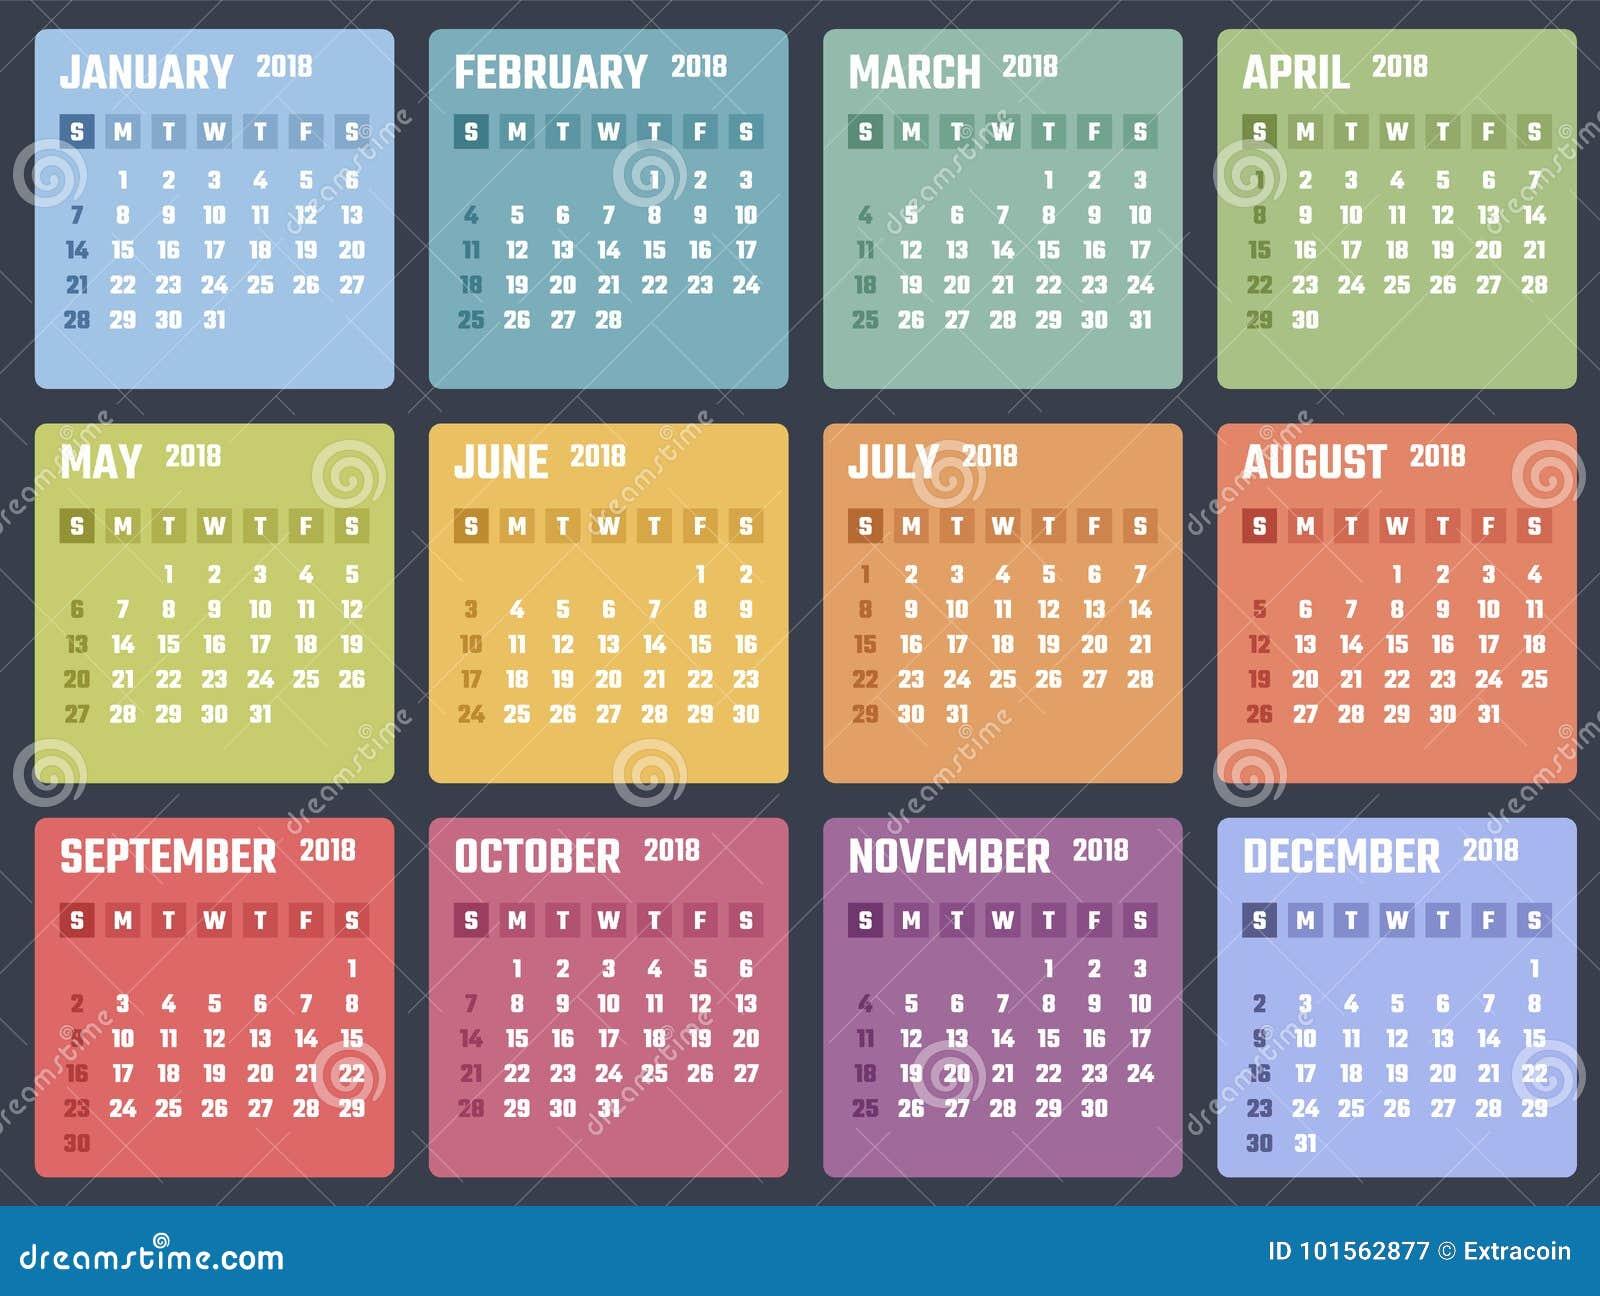 Calendário para 2018 começos domingo, projeto do calendário do vetor 2018 anos